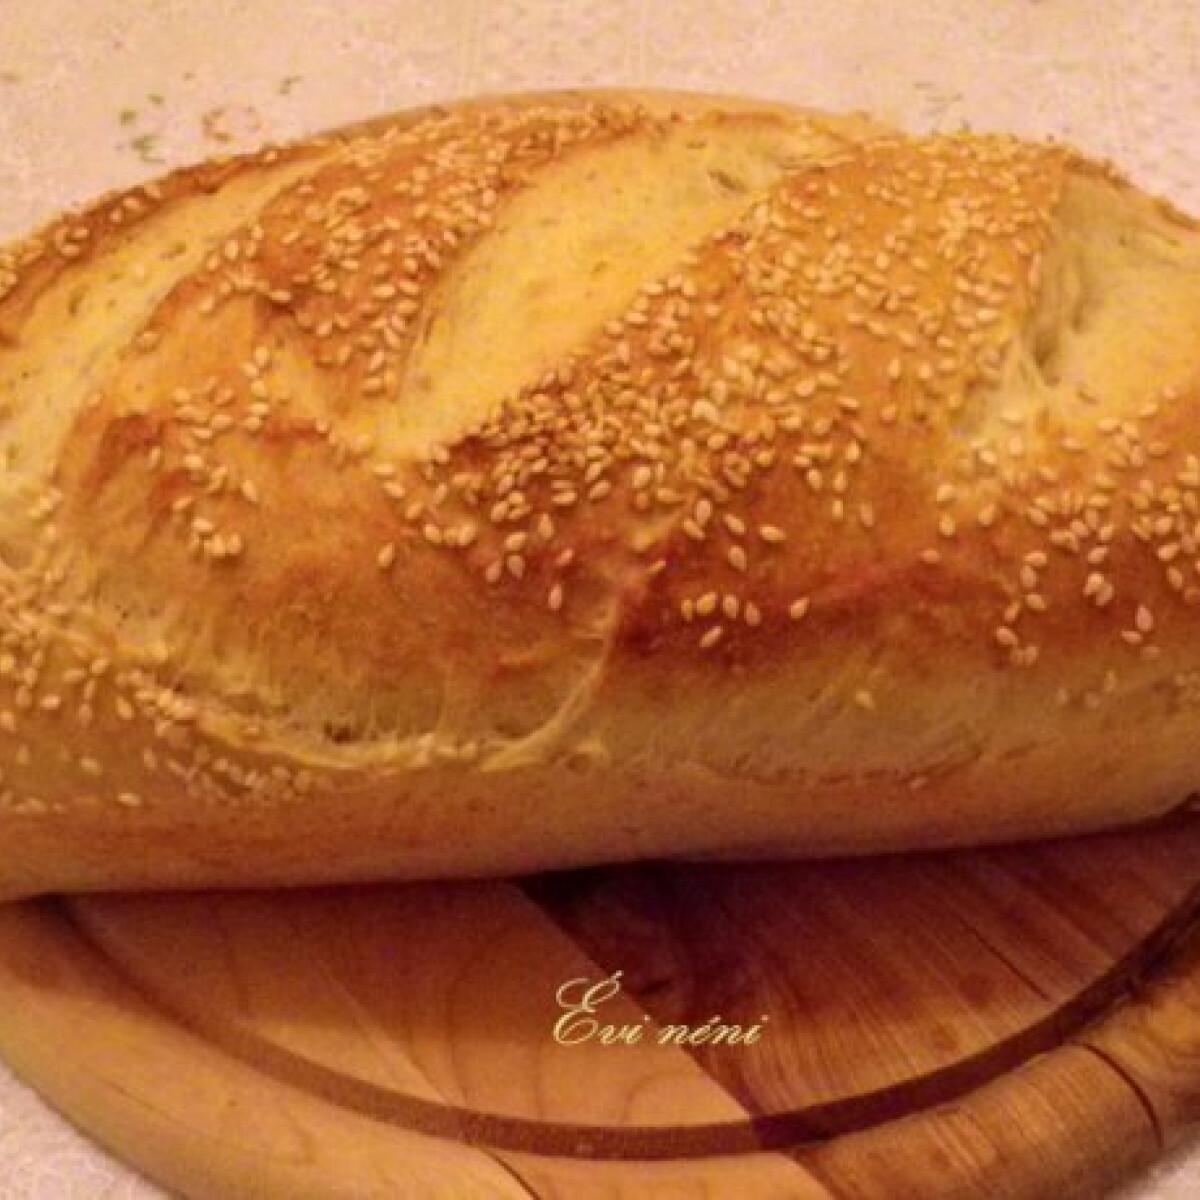 Ezen a képen: Fehér kenyér szezámmaggal